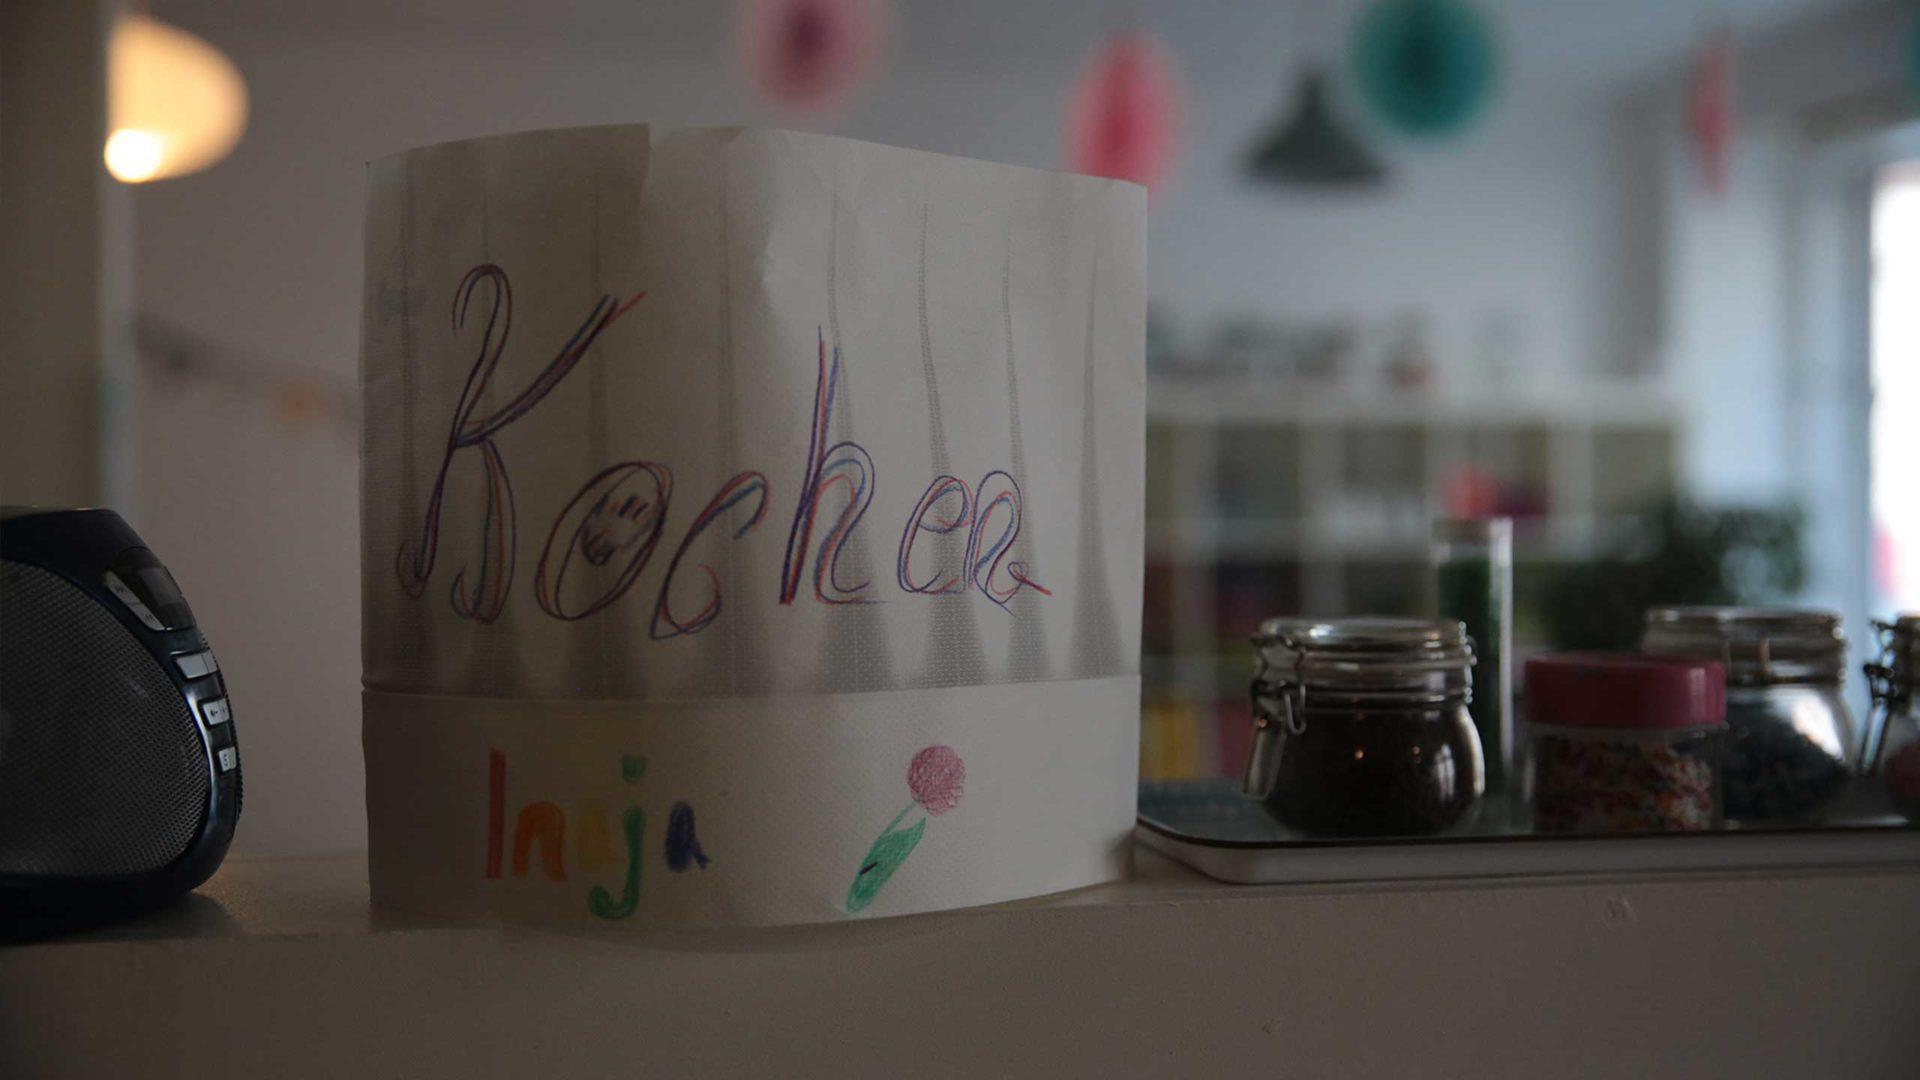 Aktion Mahlzeit. Die Kinder Haben ihre Namen auf die Kochmütze geschrieben.